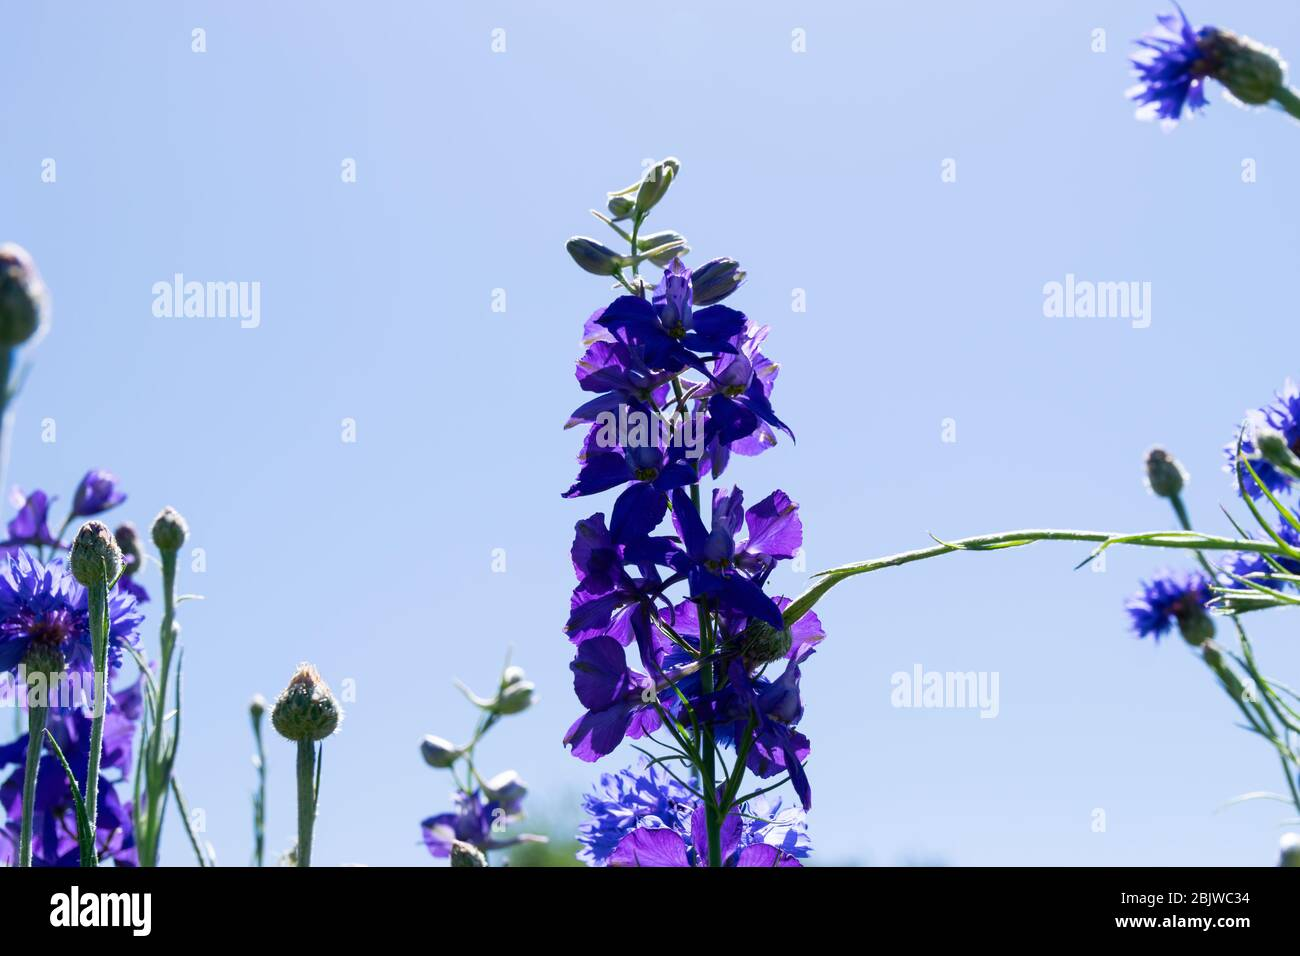 Bella vista che guarda da sotto un fiore blu viola scuro che cresce in un parco cittadino in un pomeriggio soleggiato con un cielo nuvoloso. Foto Stock